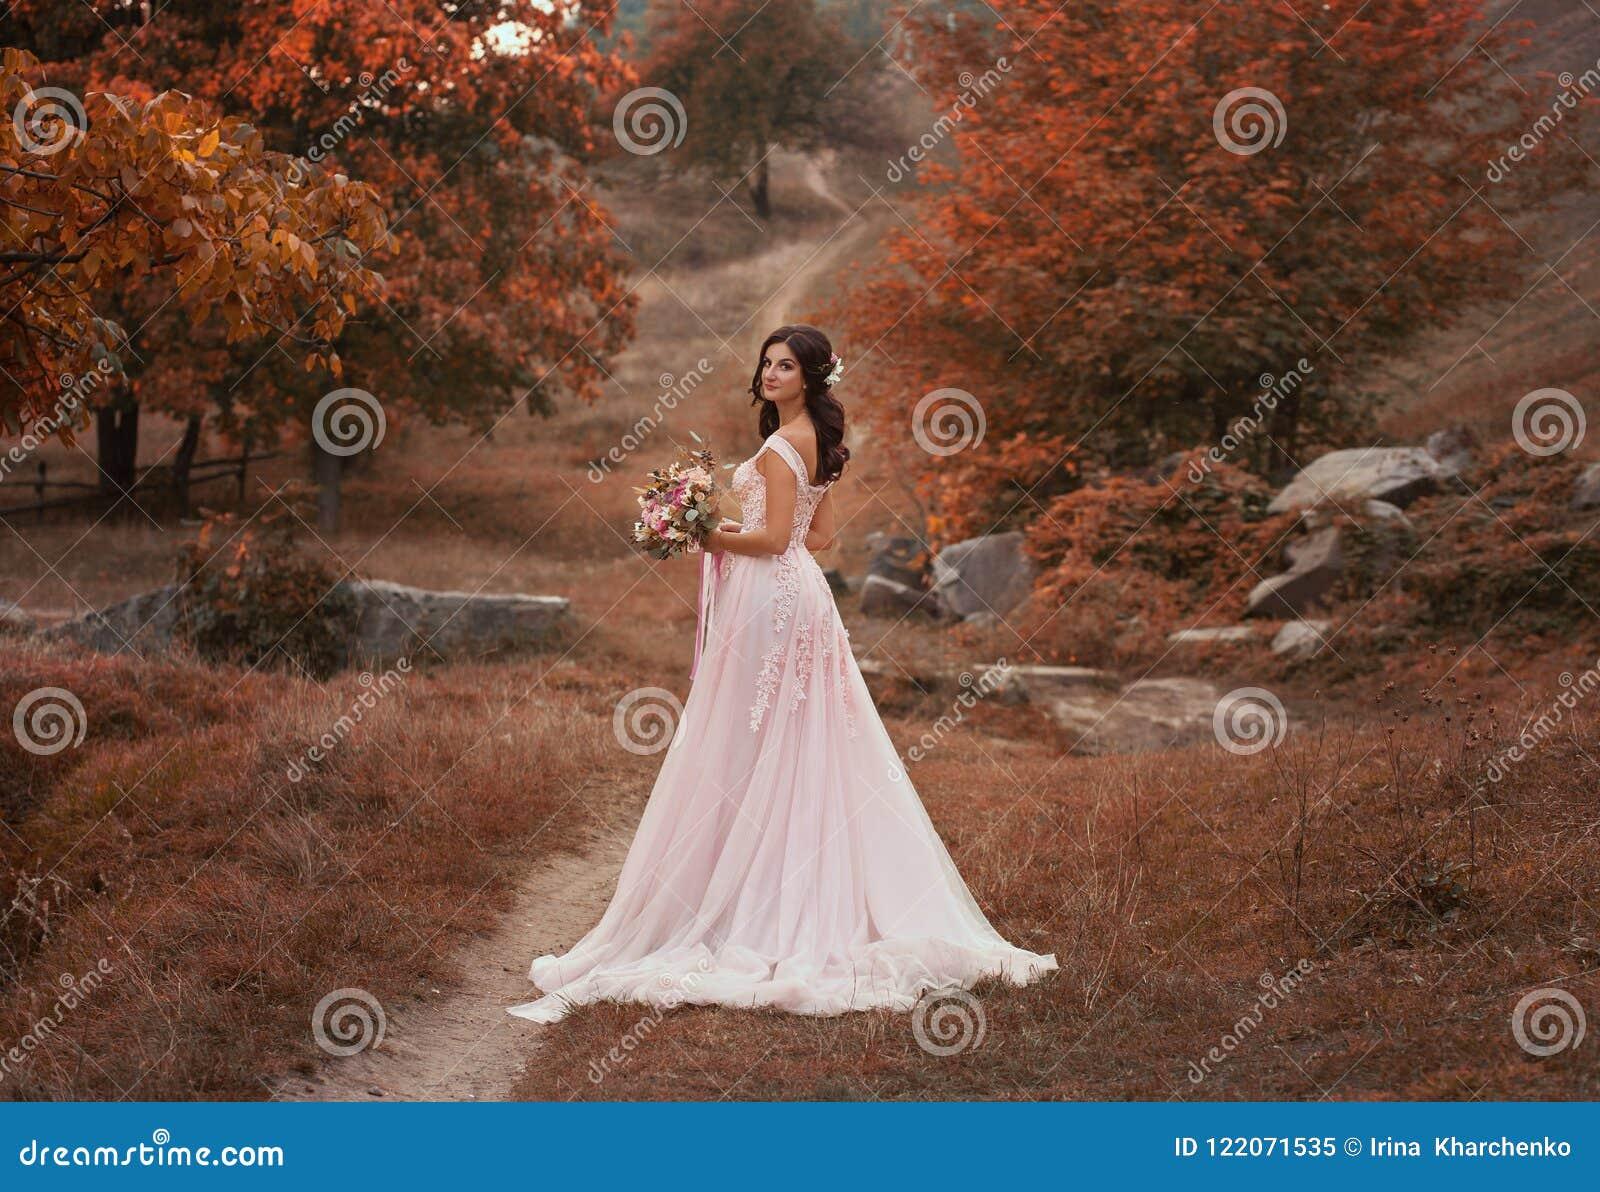 Mädchen Brunette mit dem langen Haar, in einem luxuriösen rosa Kleid mit einem langen Zug Die Braut mit einem Blumenstrauß wirft